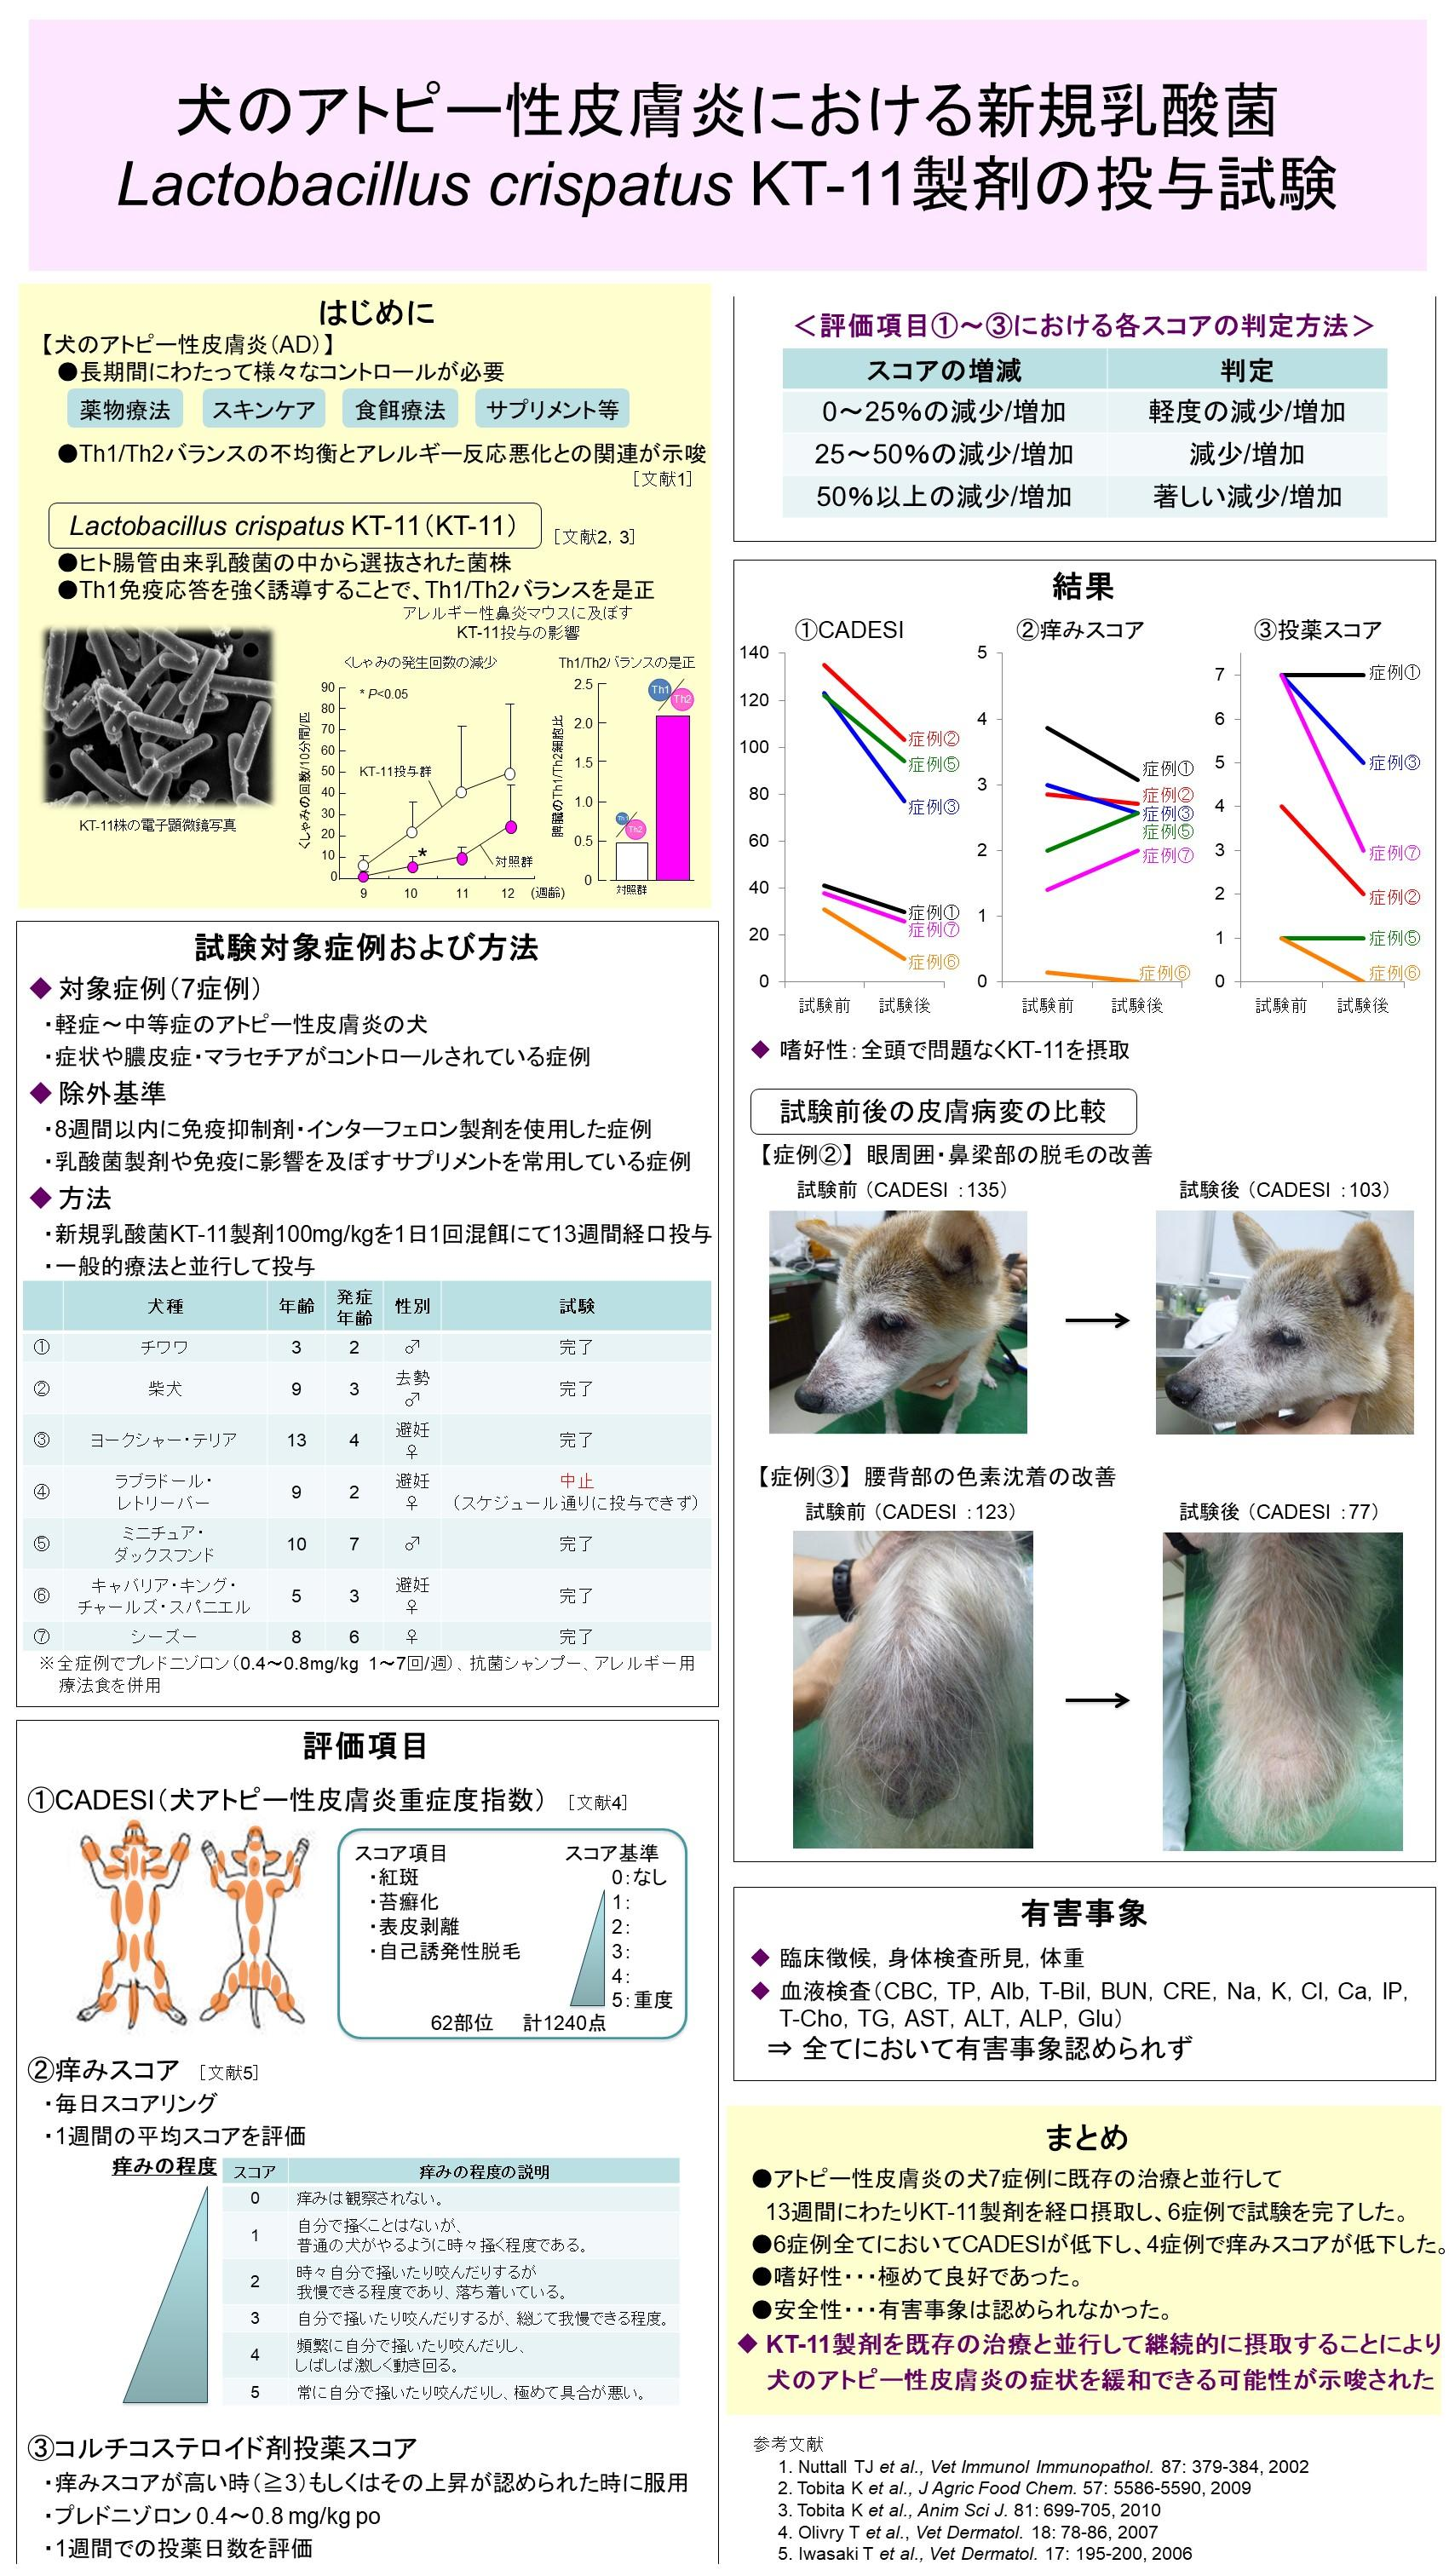 皮膚科学会ポスター.jpg